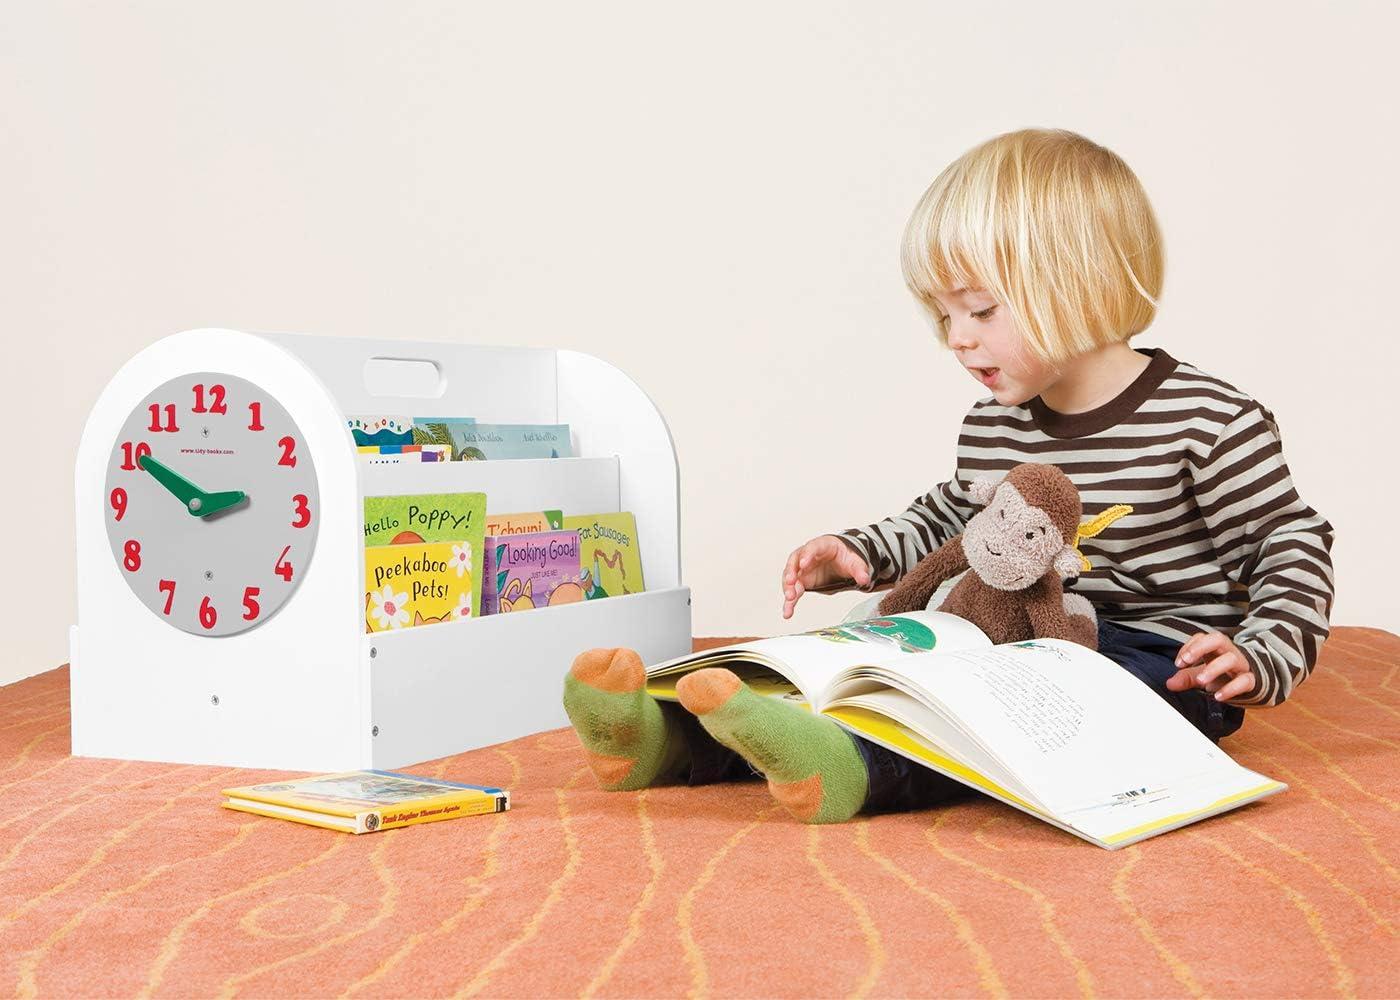 Tidy Books Kids Book Storage Box Age 3-10 Small Portable Book Case